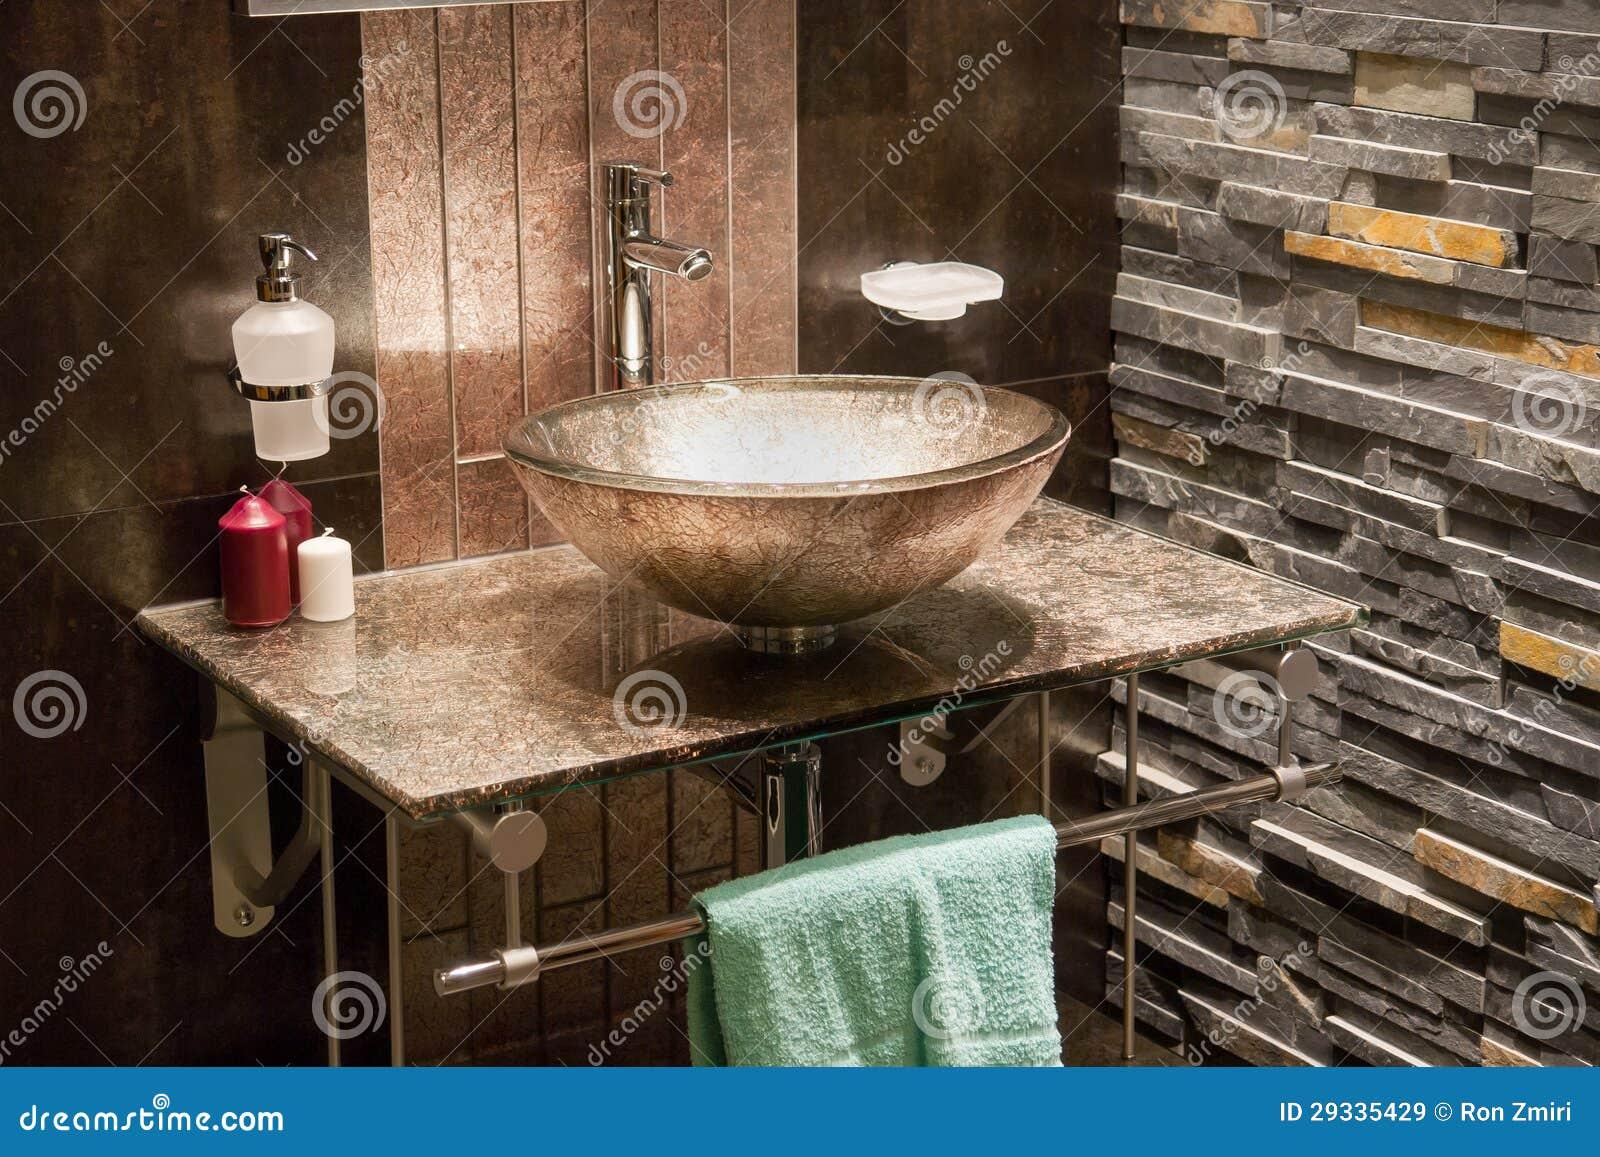 Mooie moderne badkamers in het nieuwe huis van de luxe royalty vrije stock afbeeldingen for Moderne badkamers